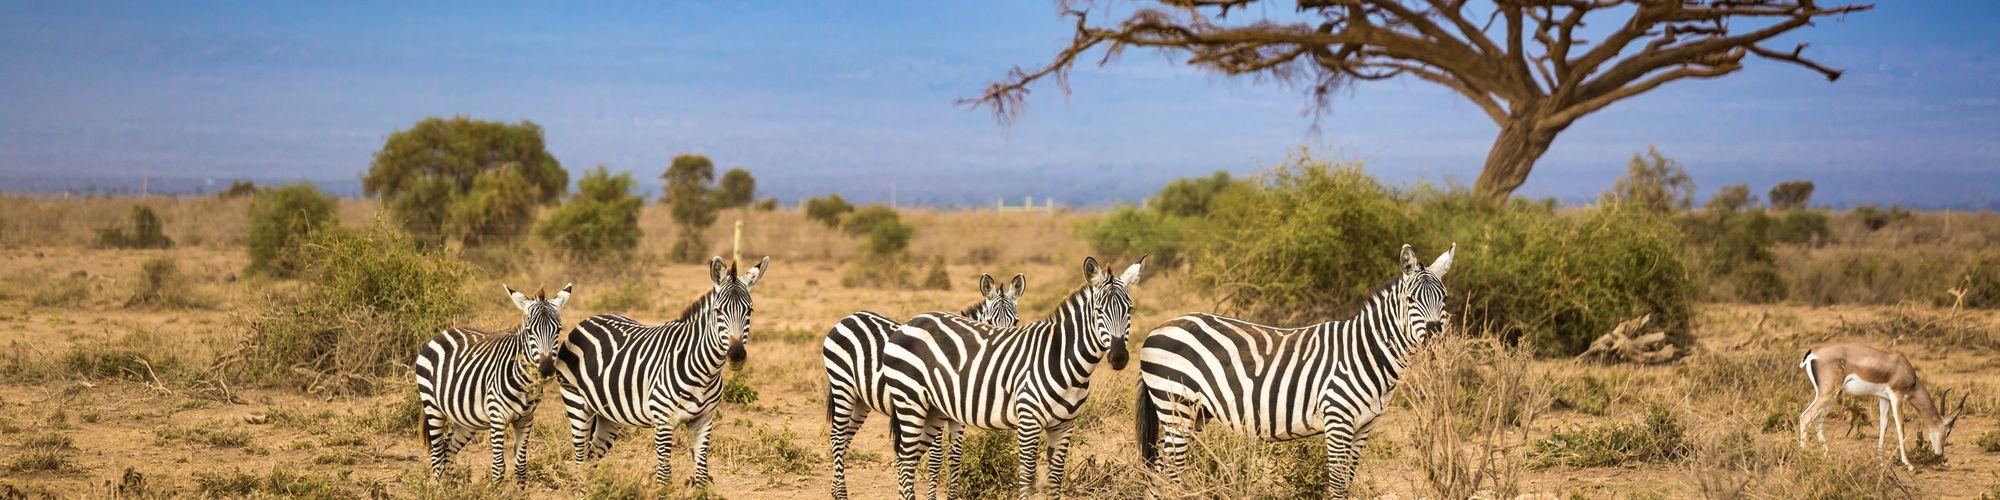 Aventura en Botswana y Cataratas Victoria - EL PAIS Viajes